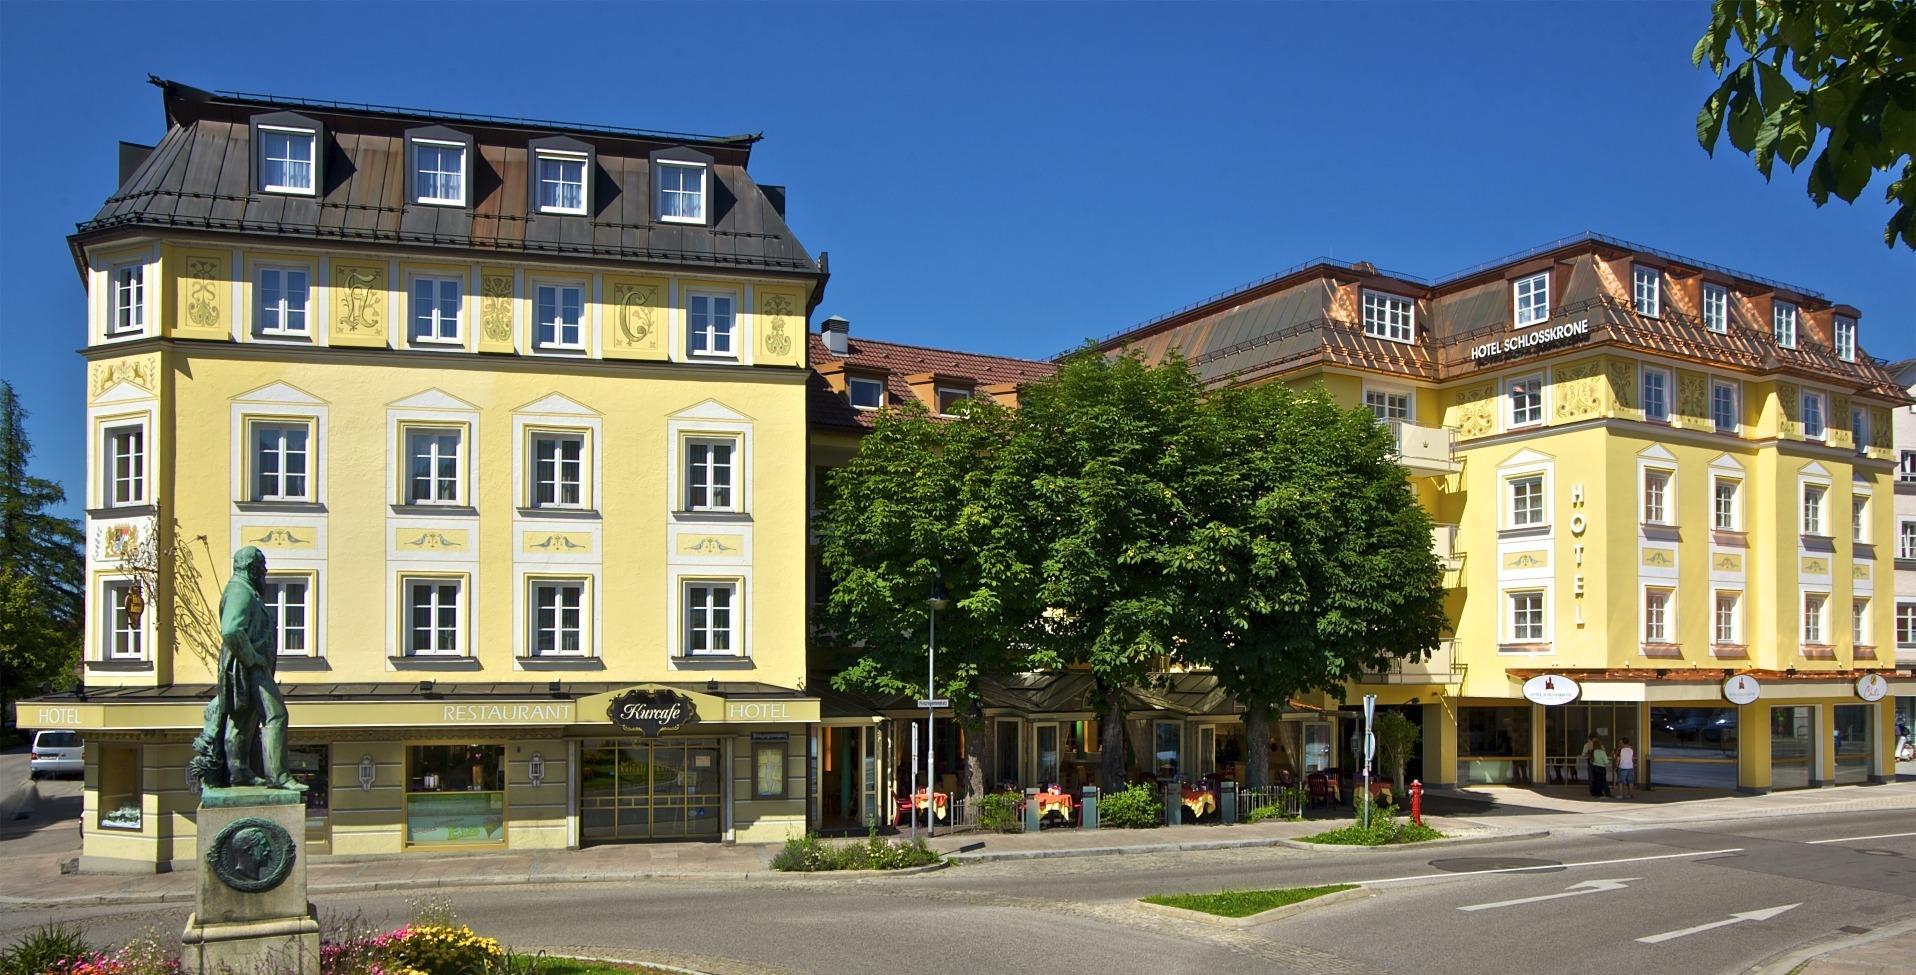 Sterne Hotel Fussen